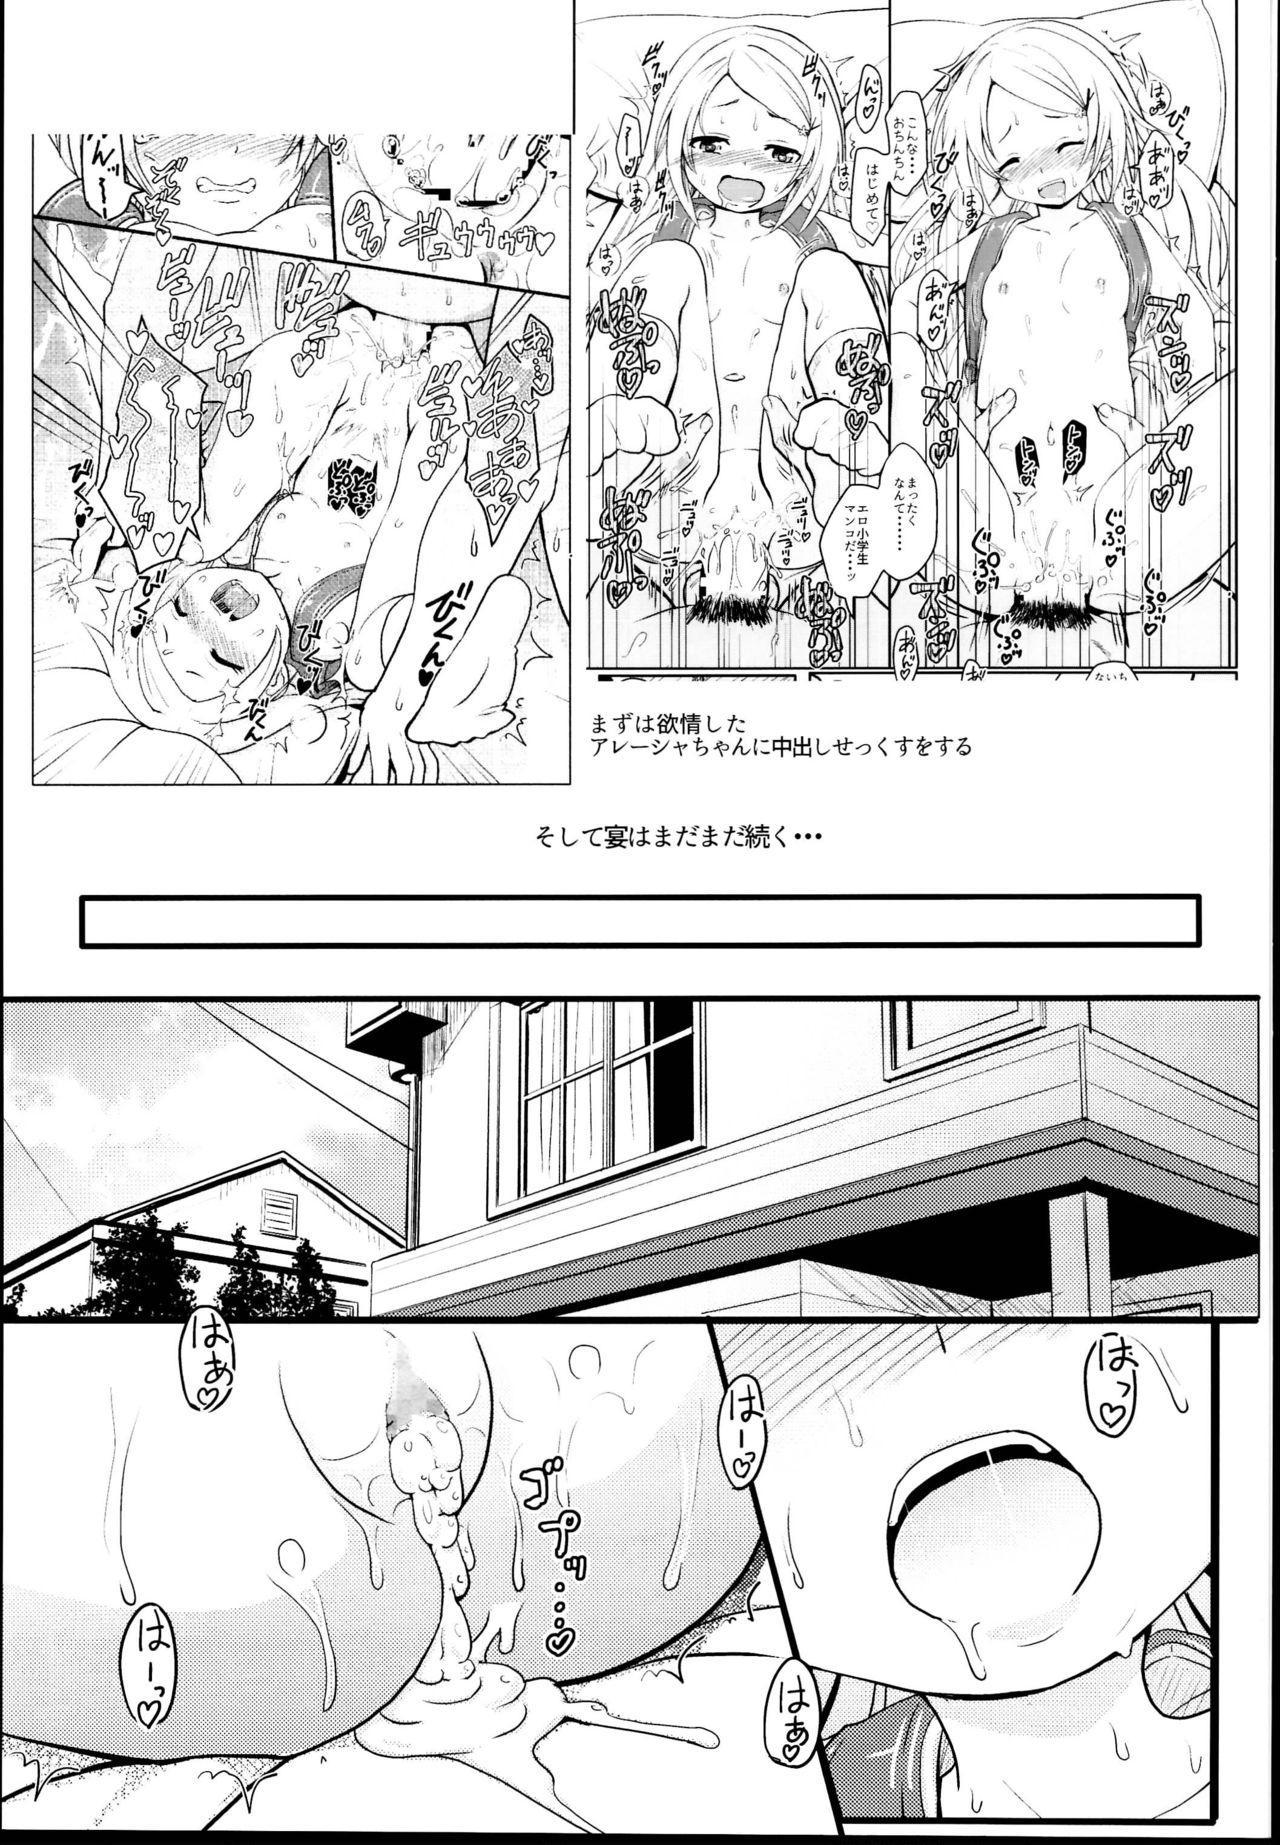 Shougakusei Bitch wa Saikou daze! JS Meikko to Doukyuusei 4P Icha Enkou Hen Sono 2 4